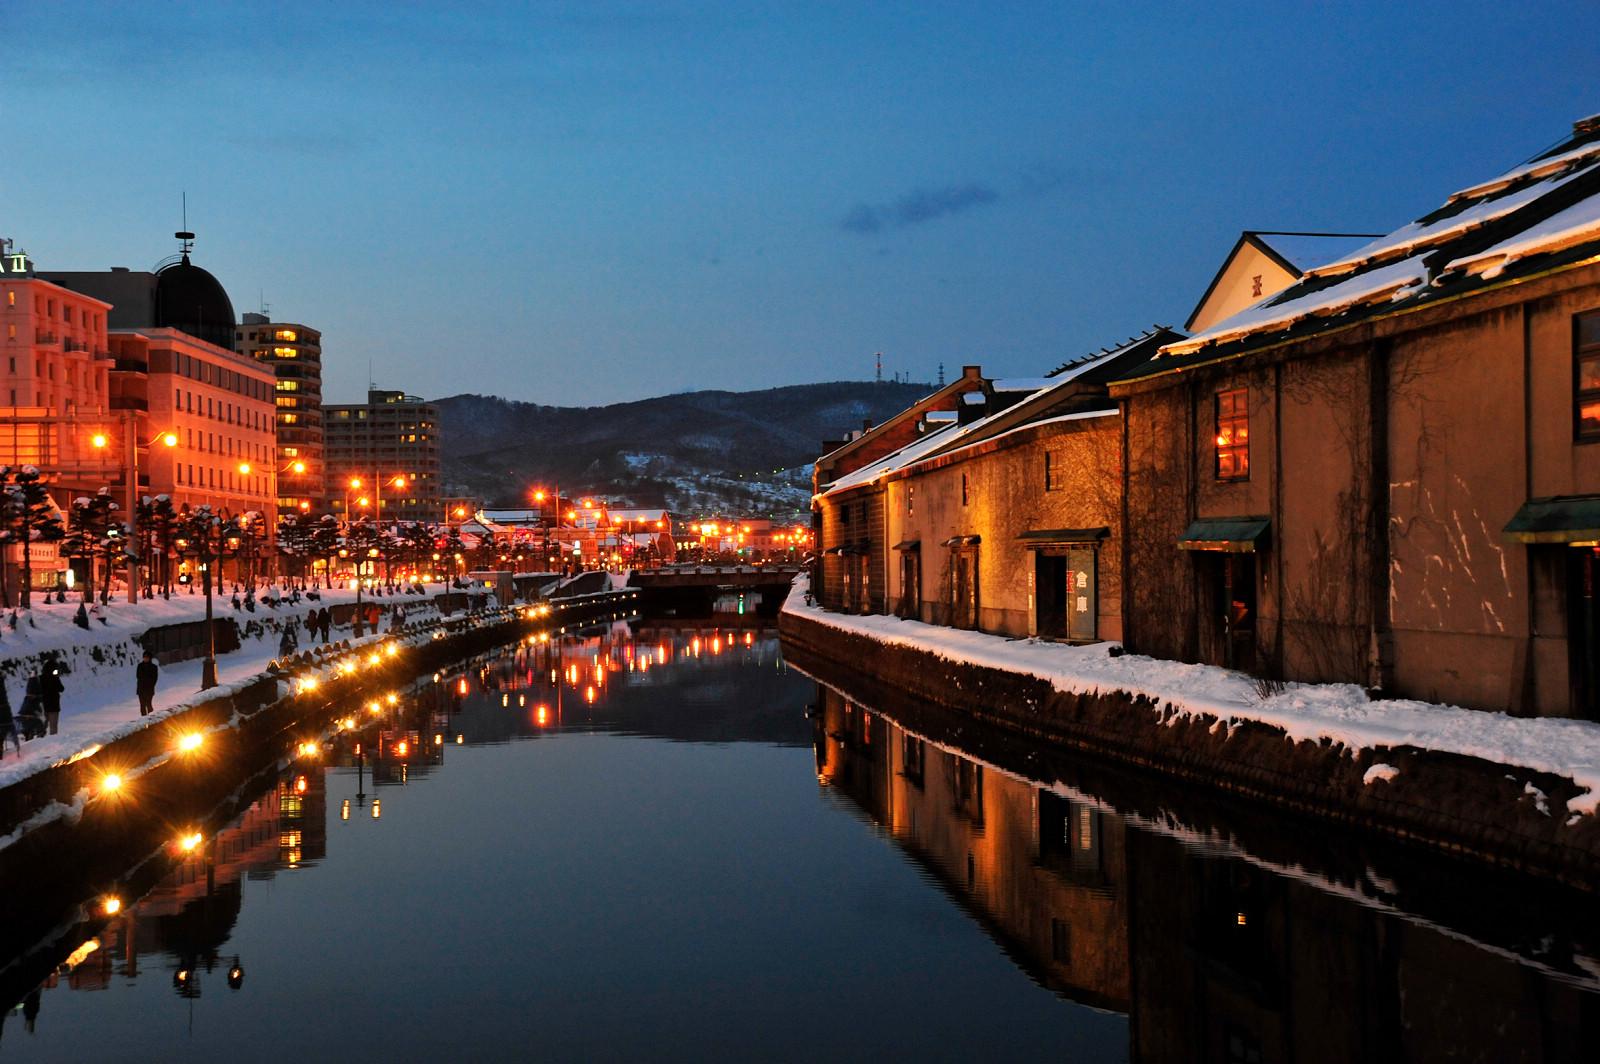 【職場・社員旅行モデルコース】北海道3日間 ≪札幌・小樽・定山渓温泉≫